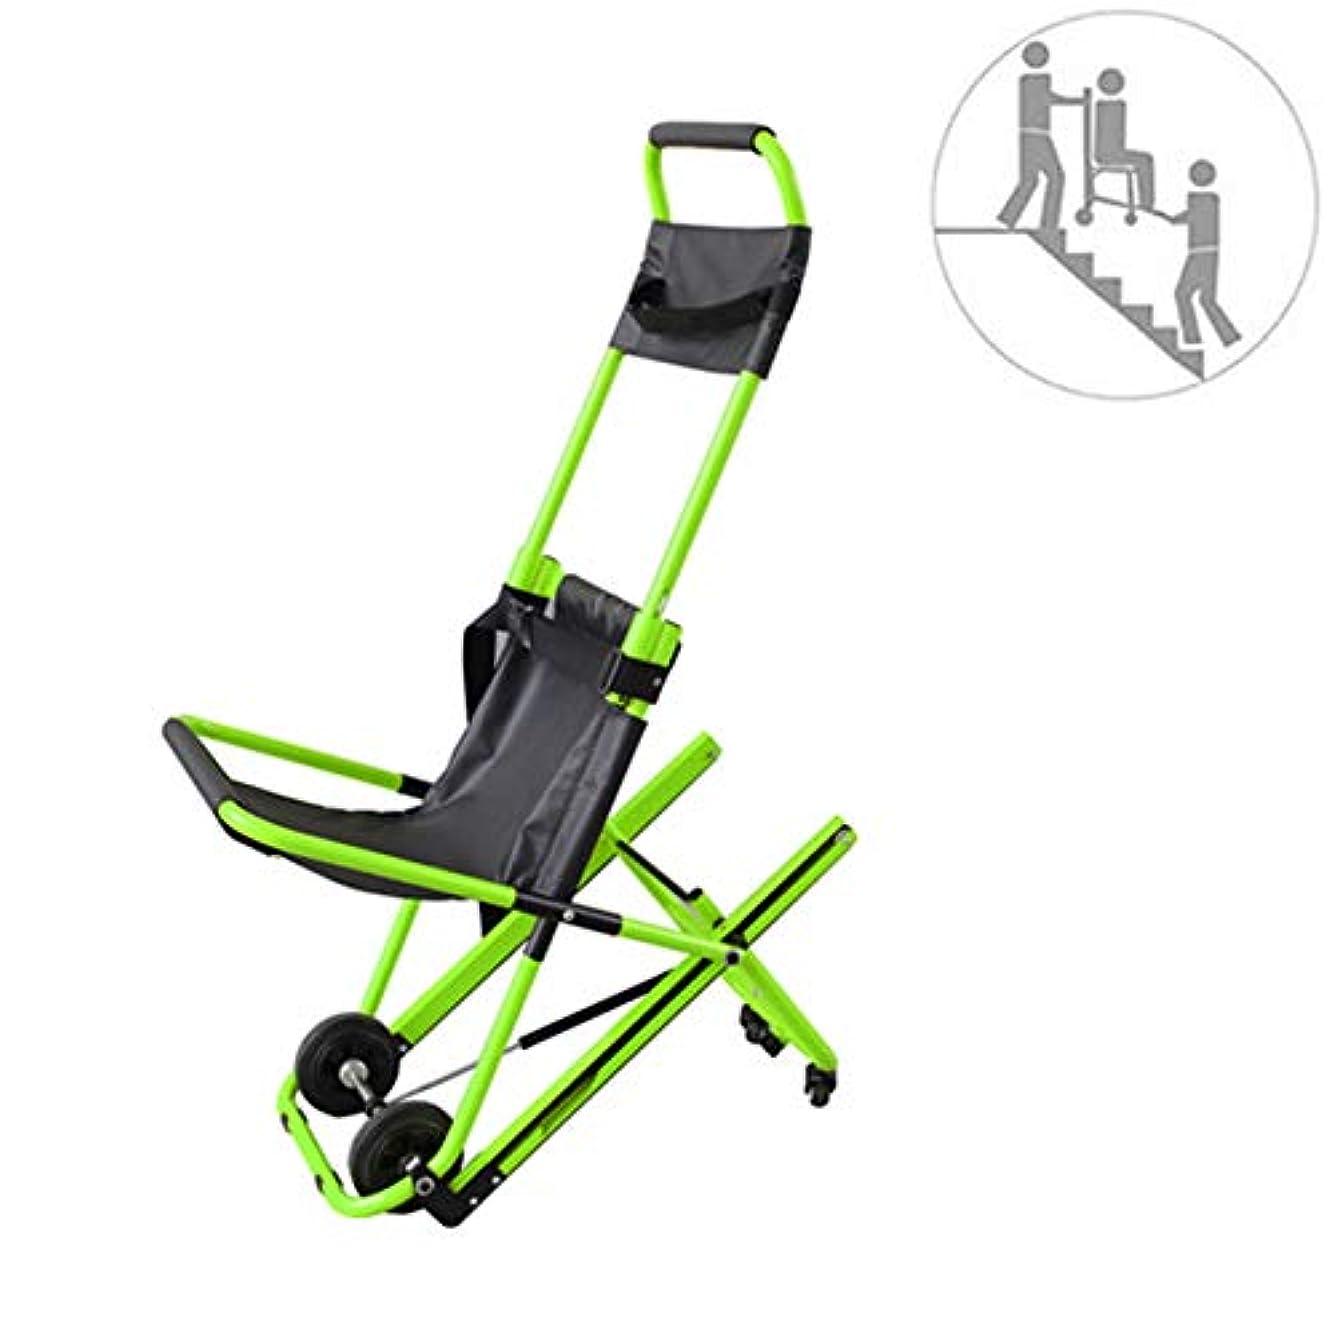 精通した正しい中間折りたたみ式追跡階段椅子4つの車輪を使ってアルミ製軽量医療補助器具クイックリリースバックル付き高齢者向け、障害者向け